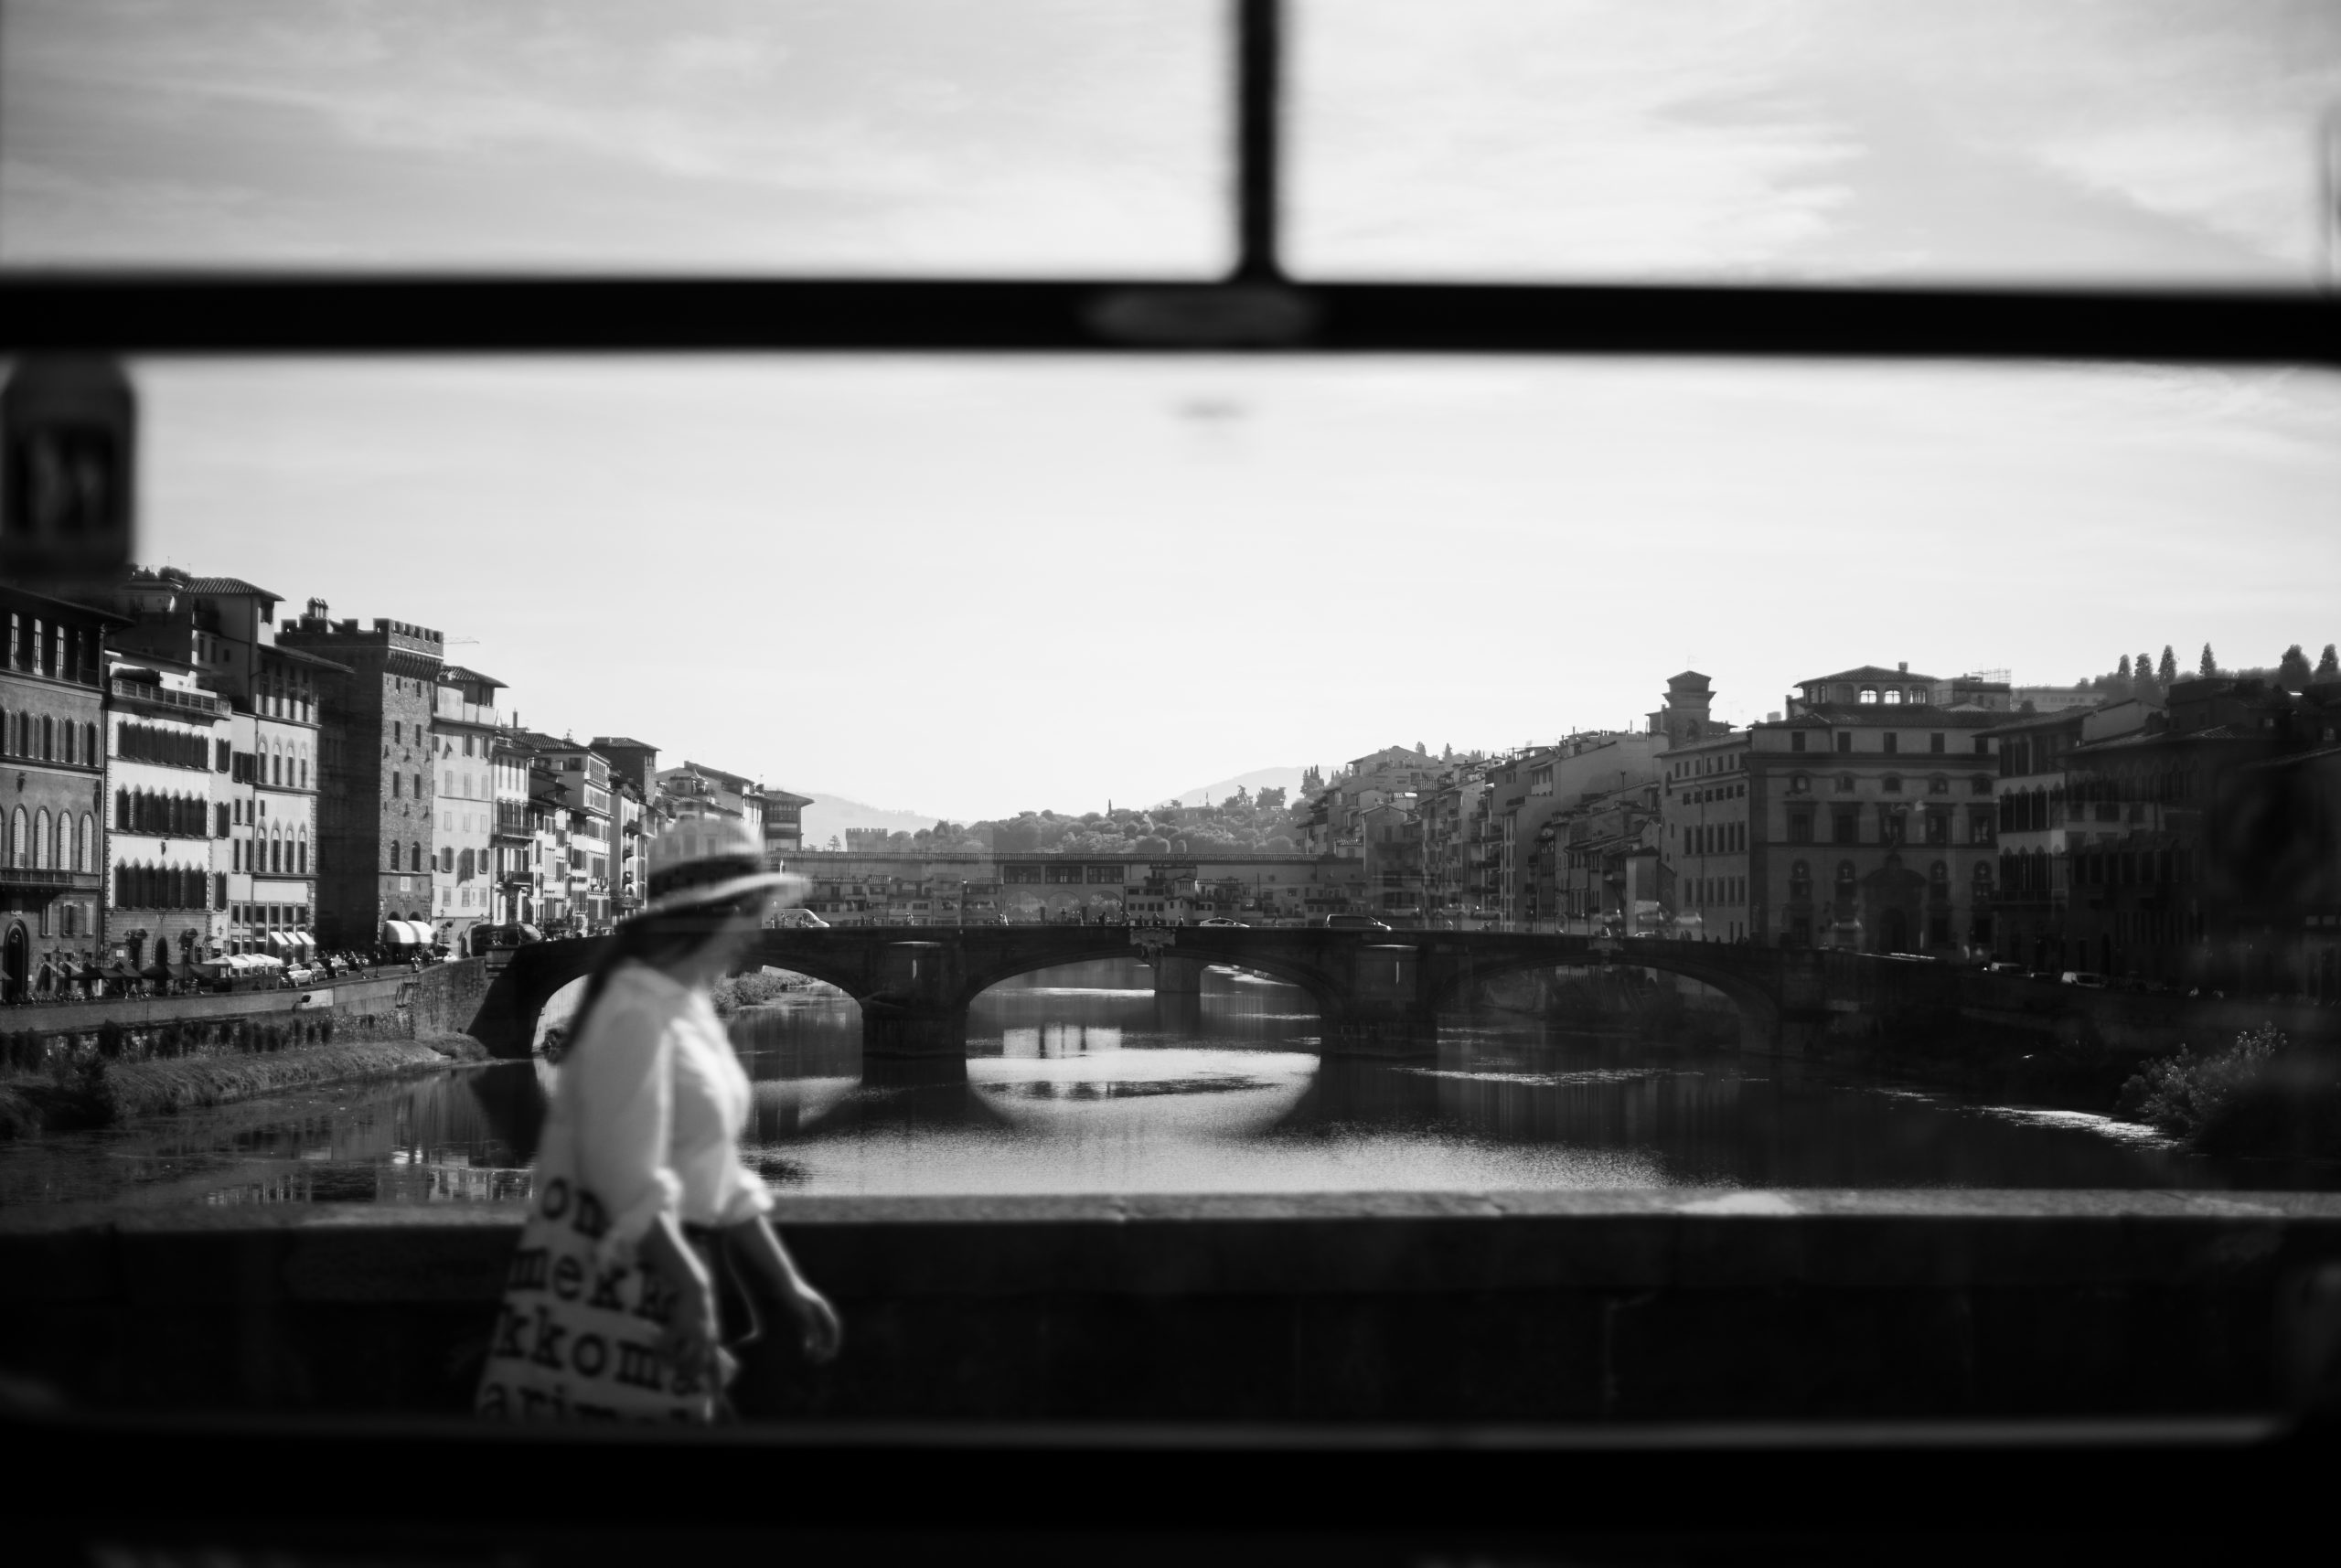 donna cammina sul ponte di firenze dopo un matrimonio l'immagine ed è stata catturata da un autobus mentre era in movimento